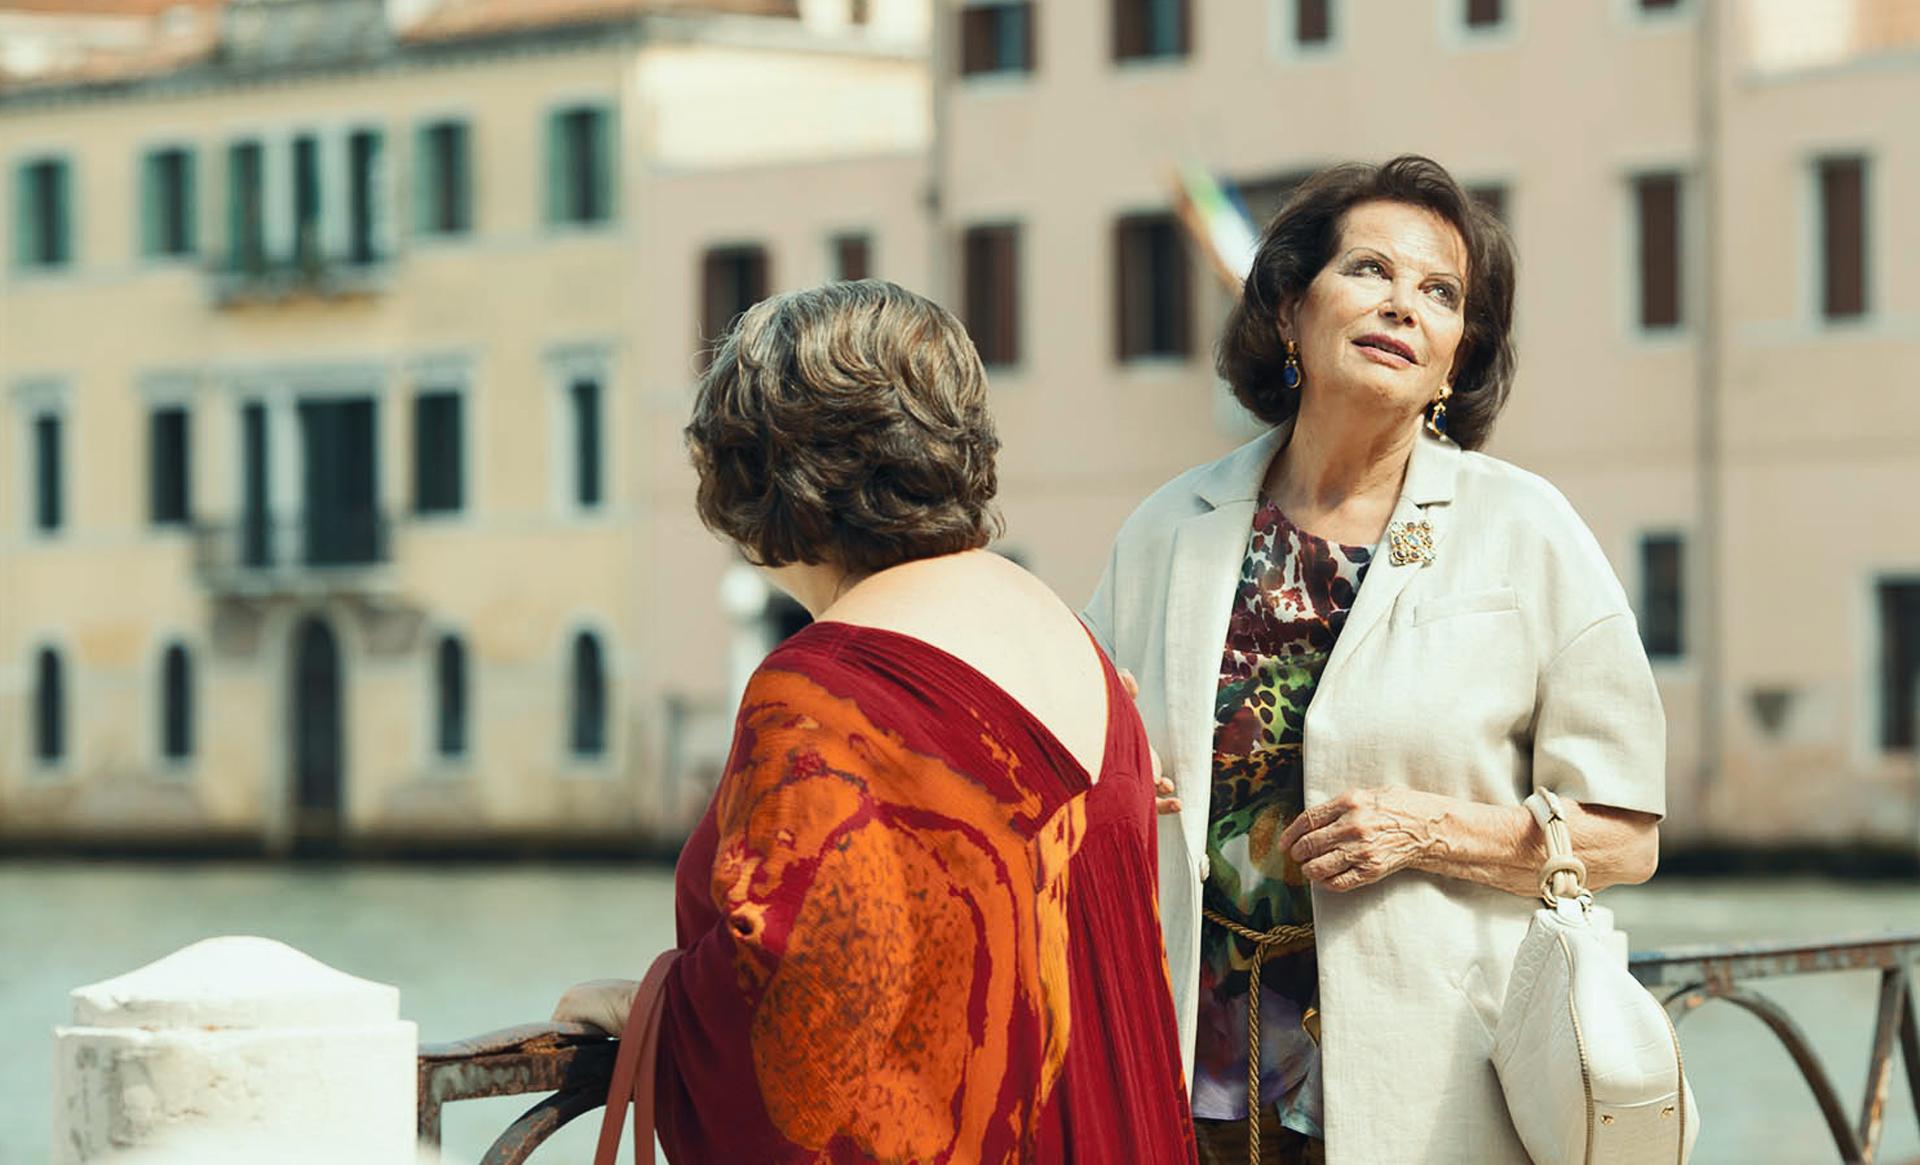 Claudia Cardinale and Nunzia Schiano in Niente di serio (2021)